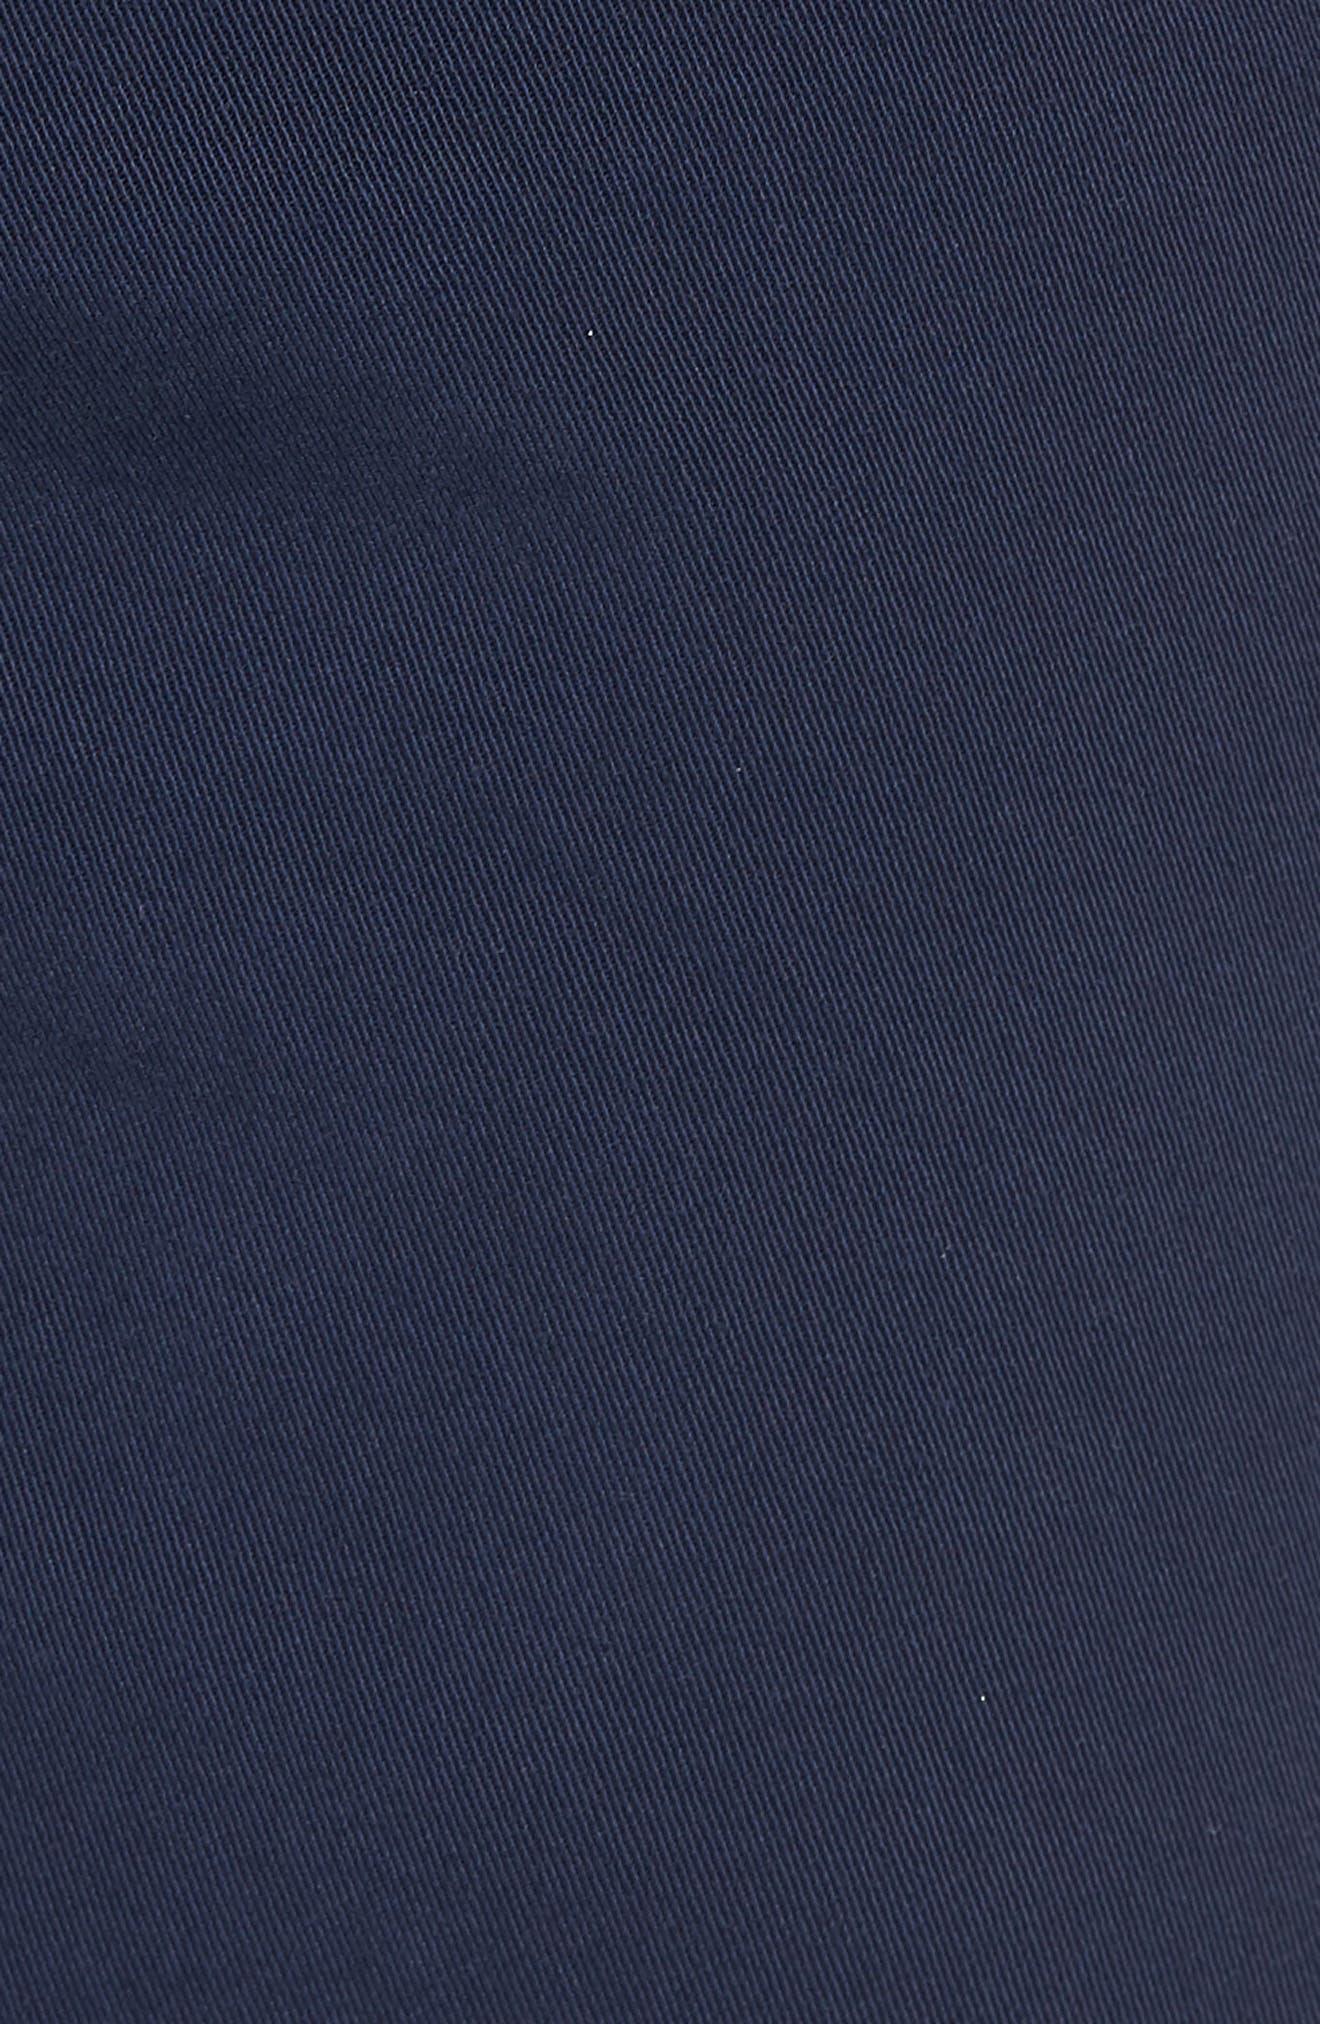 Hudson Clint Chino Shorts,                             Alternate thumbnail 5, color,                             Navy